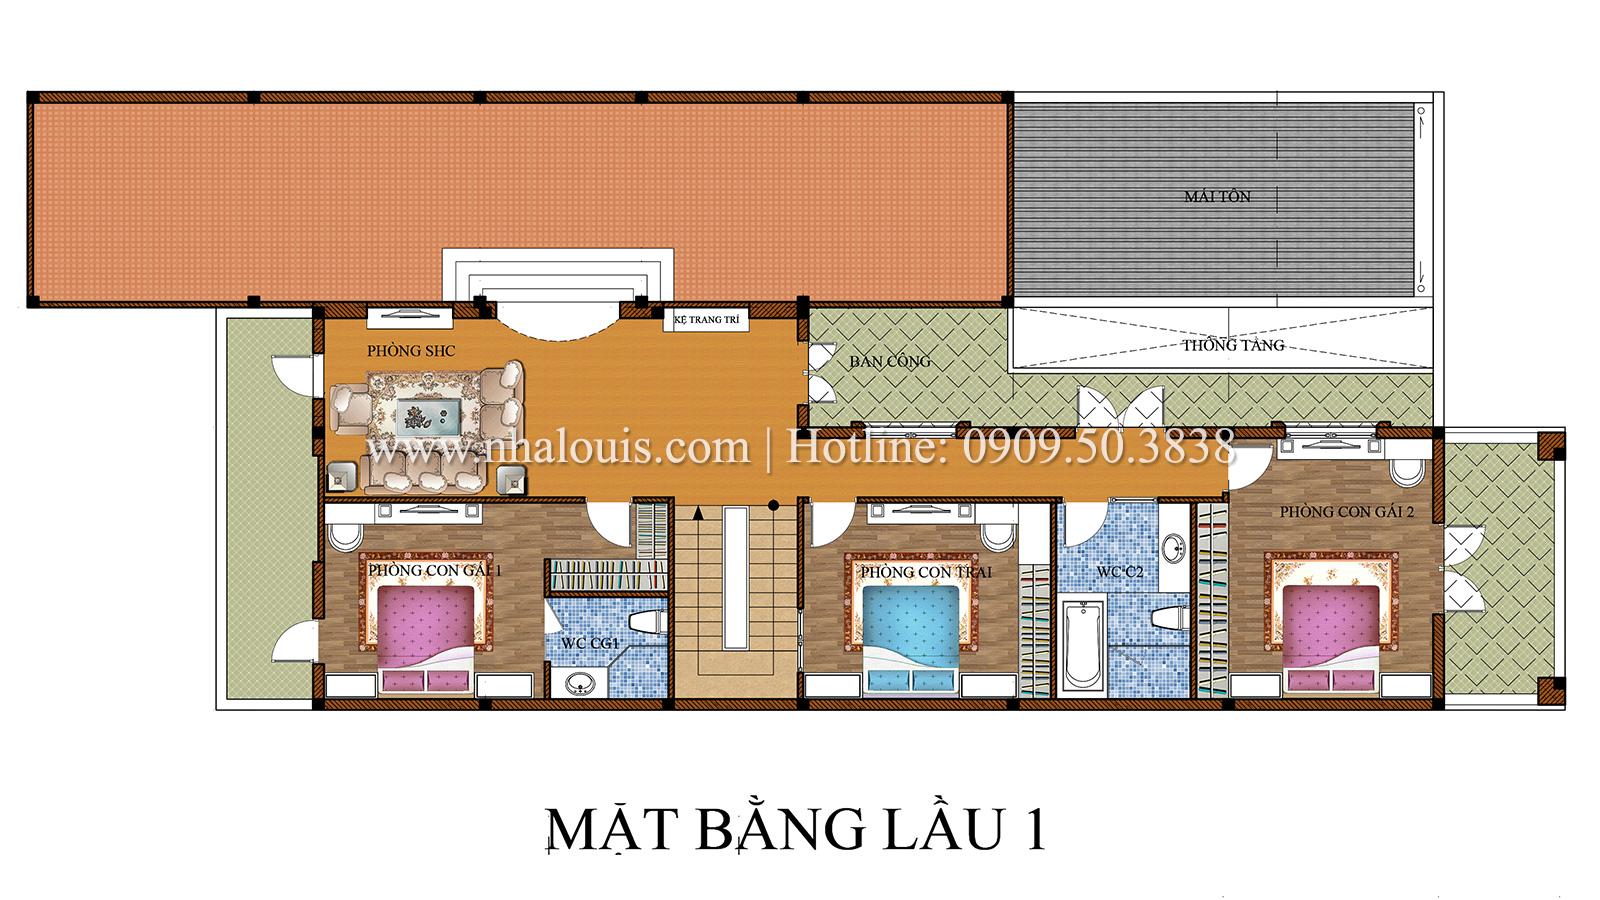 Biệt thự cổ điển kết hợp kinh doanh hoành tráng tại Đồng Nai - 17